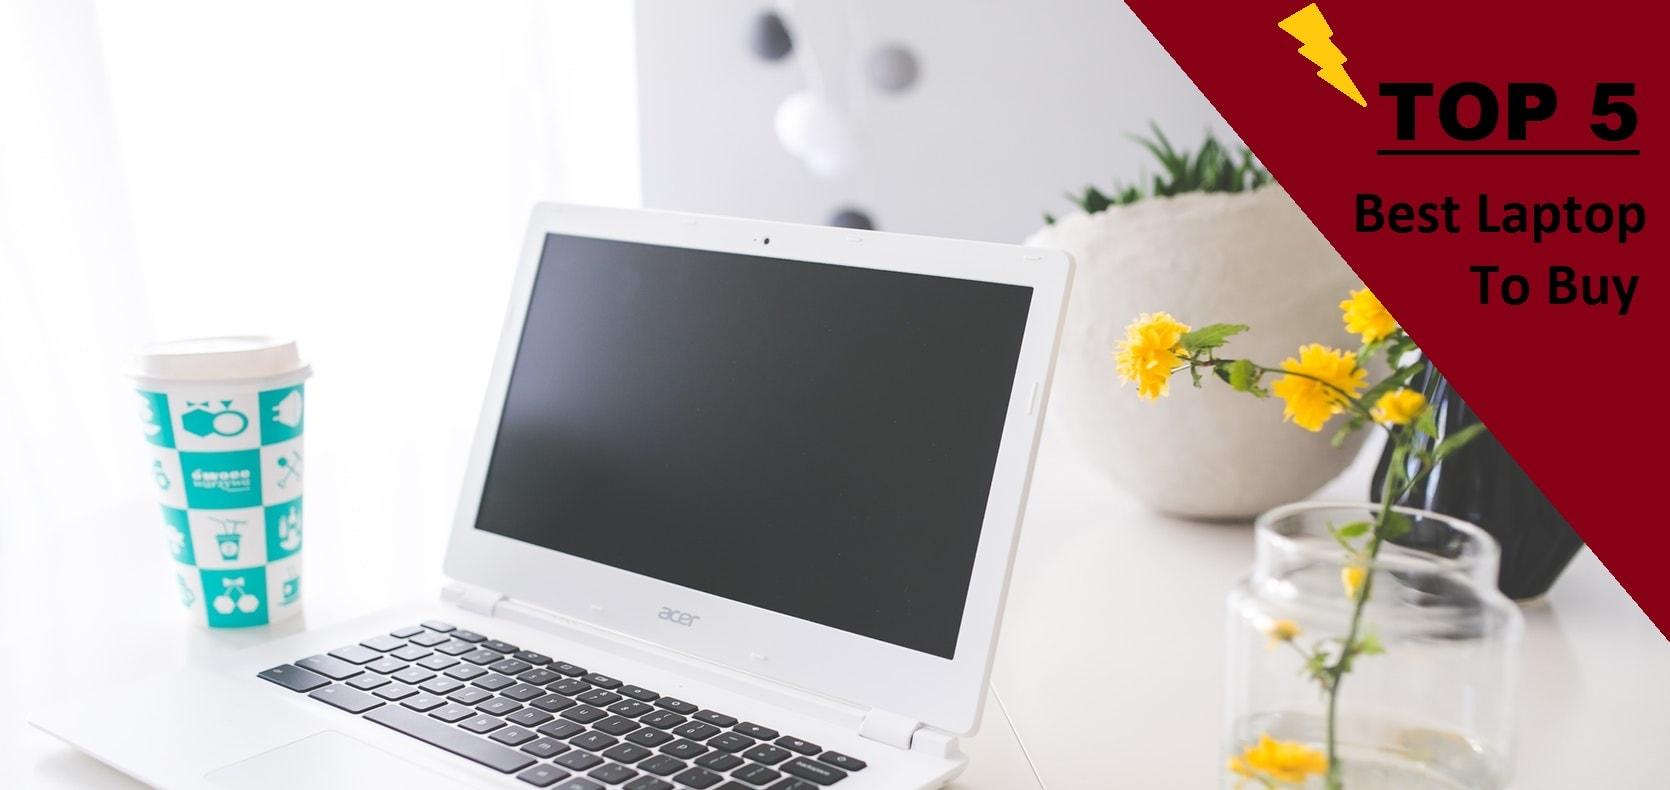 Top 5 best laptop to buy 2019